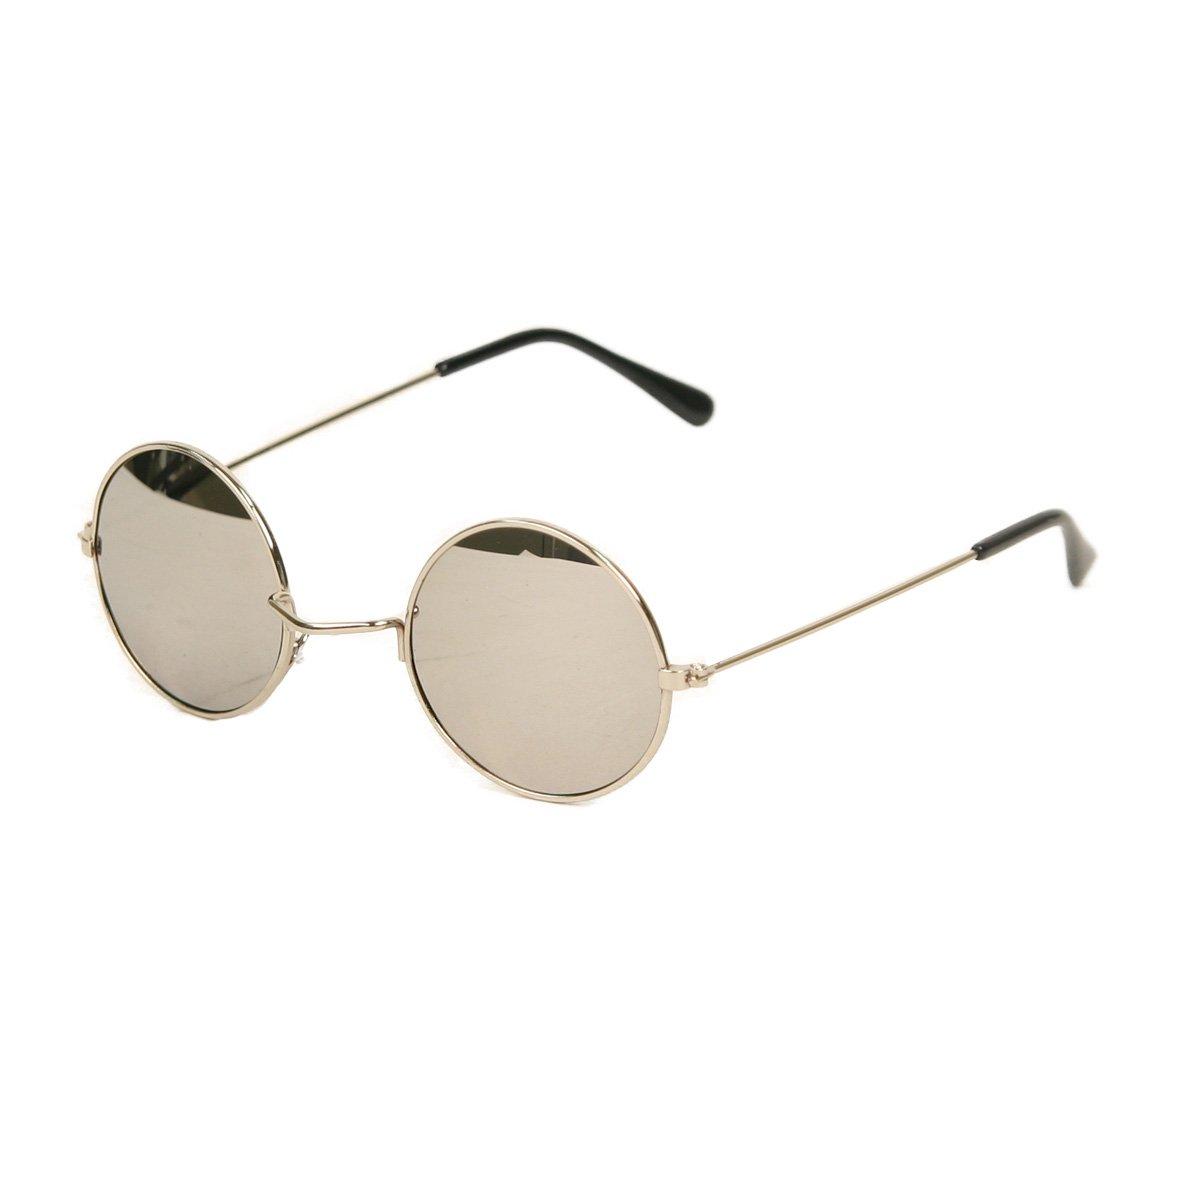 Amazon.com: UB estilo espejo lente anteojos de sol de John ...